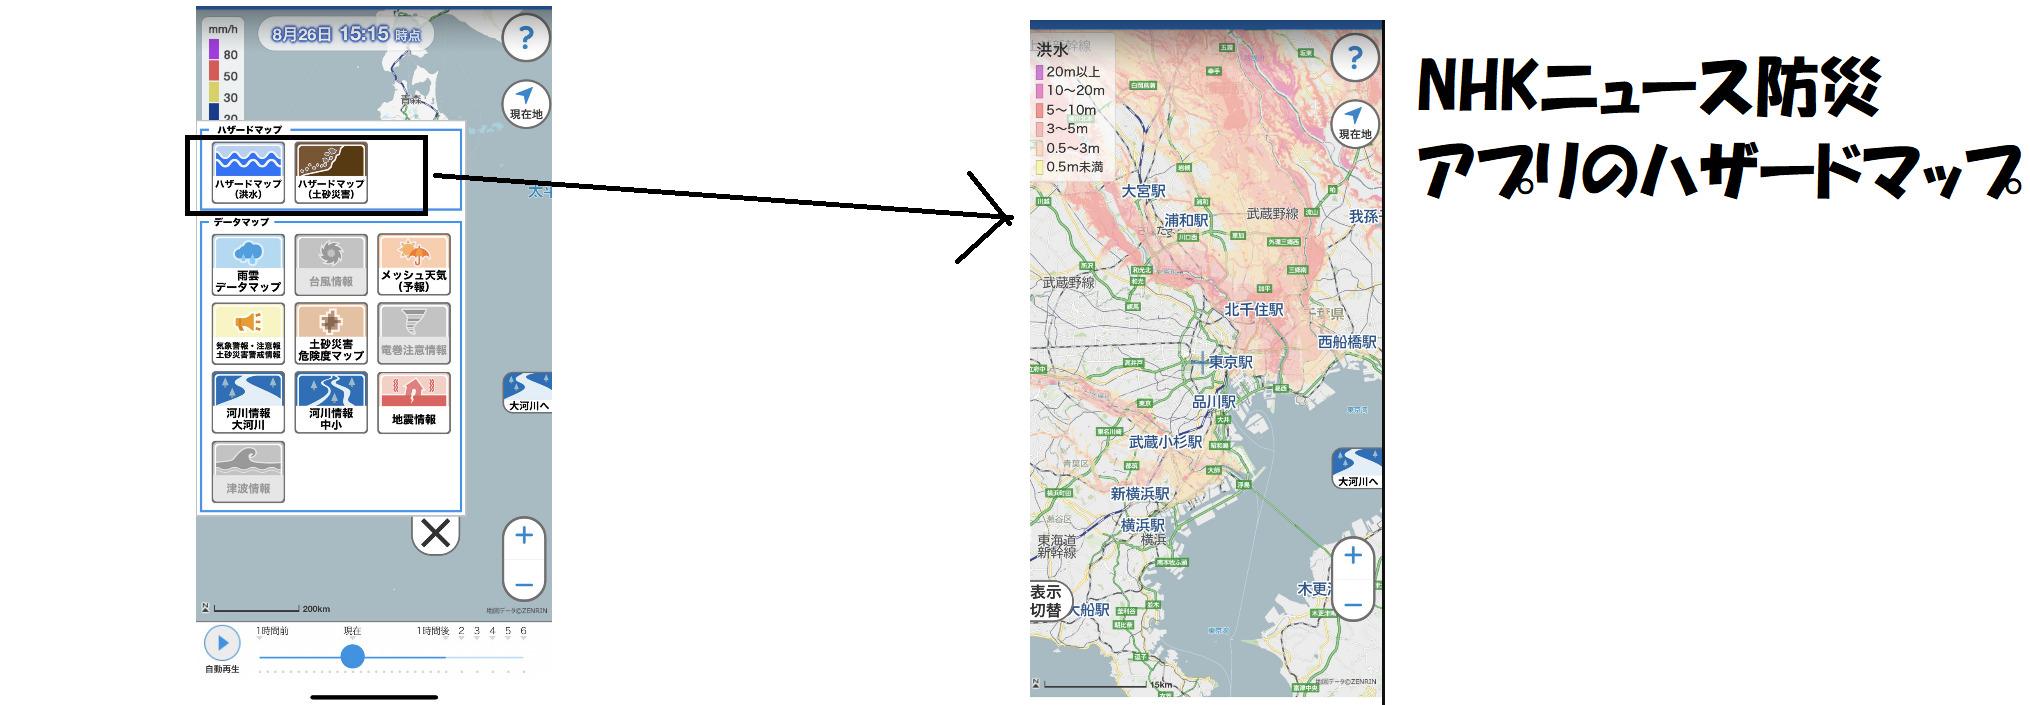 NHKニュース防災アプリのハザードマップ